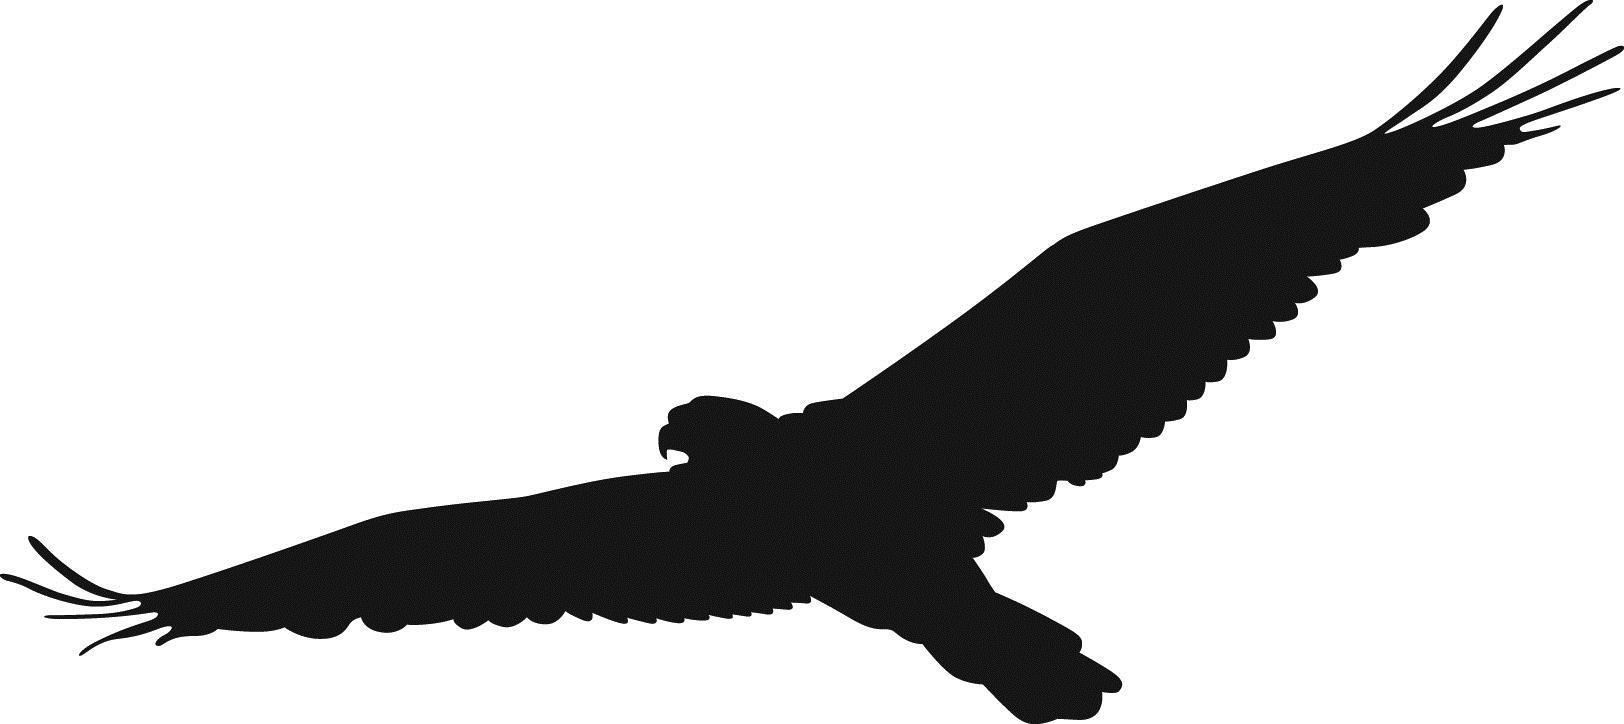 Flying Hawk Clipart | Free download best Flying Hawk ... Flying Hawk Silhouette Vector